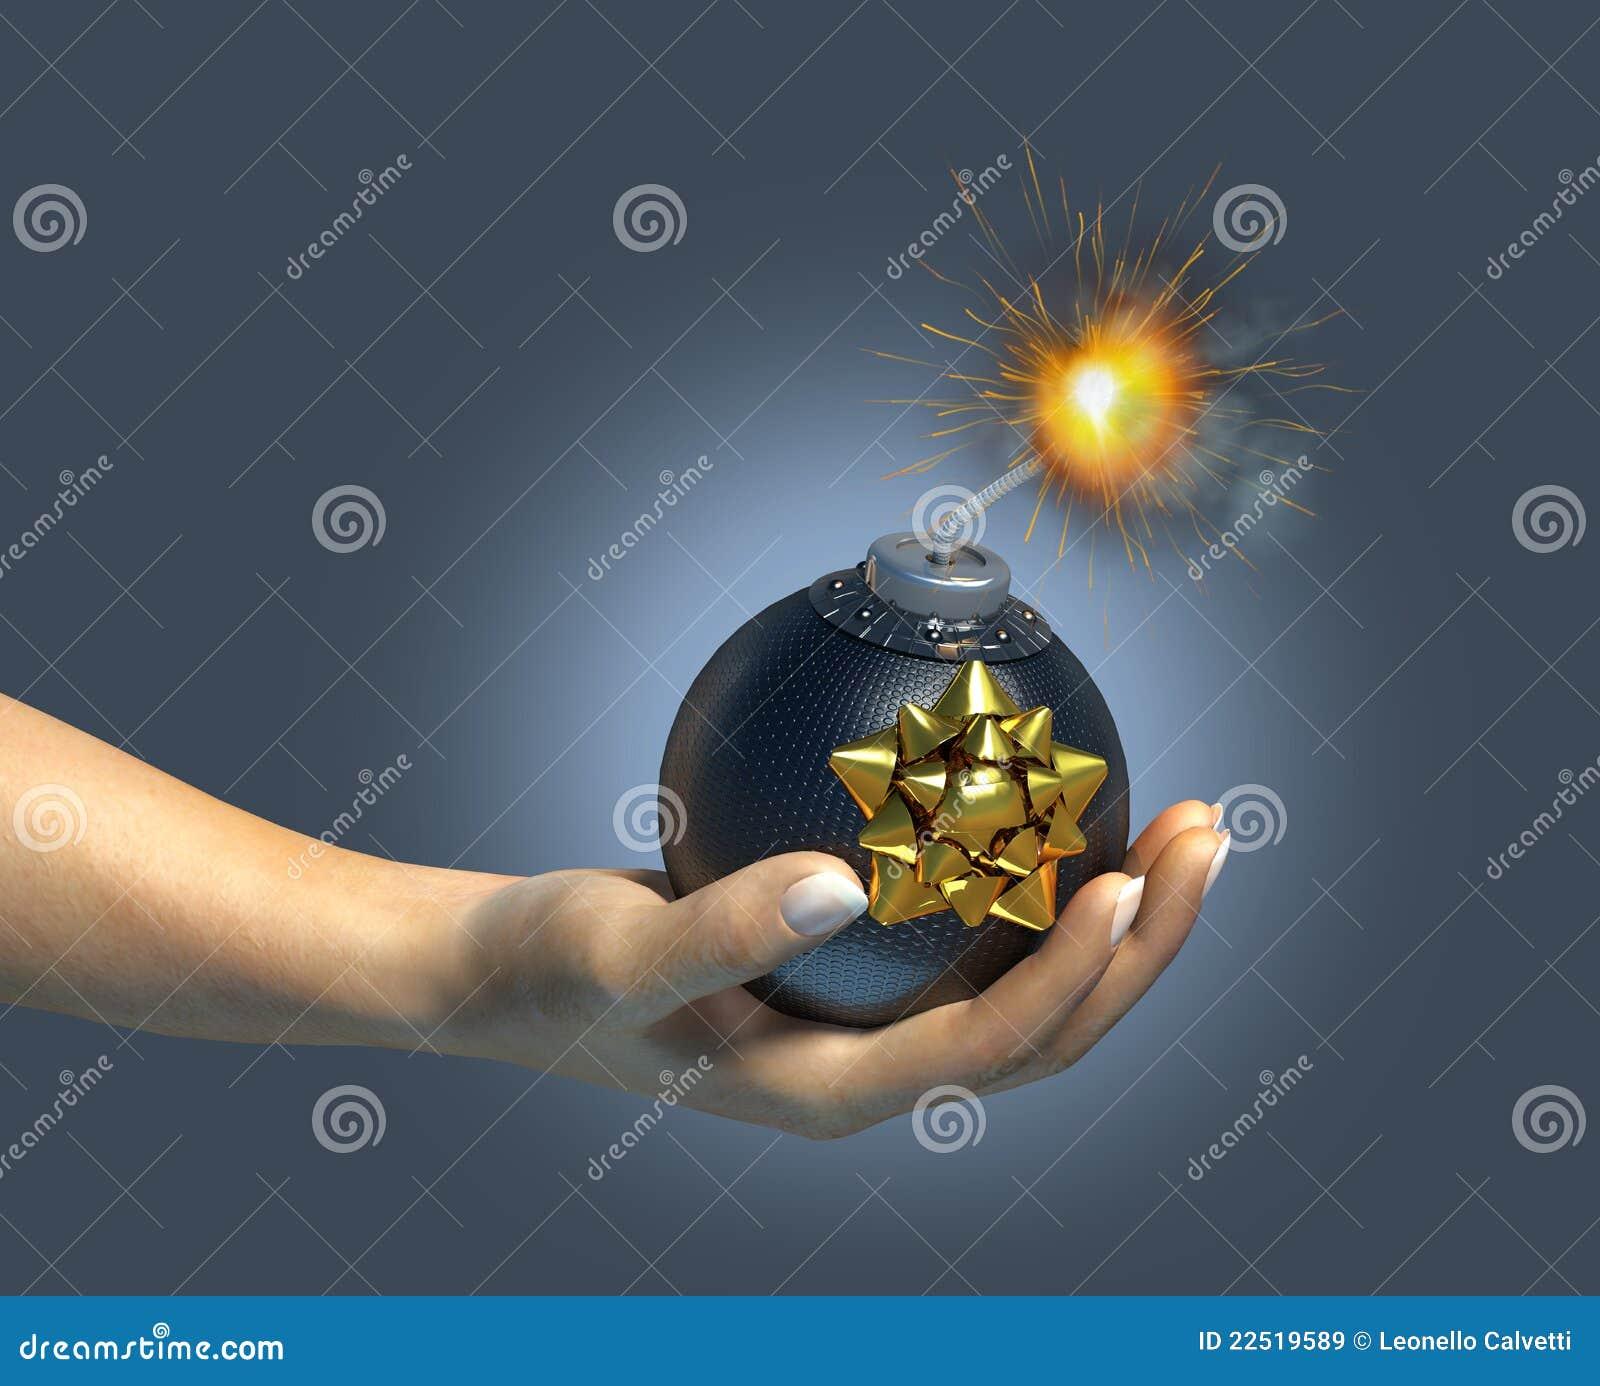 Menselijke hand die een typische bom/een gift houdt.